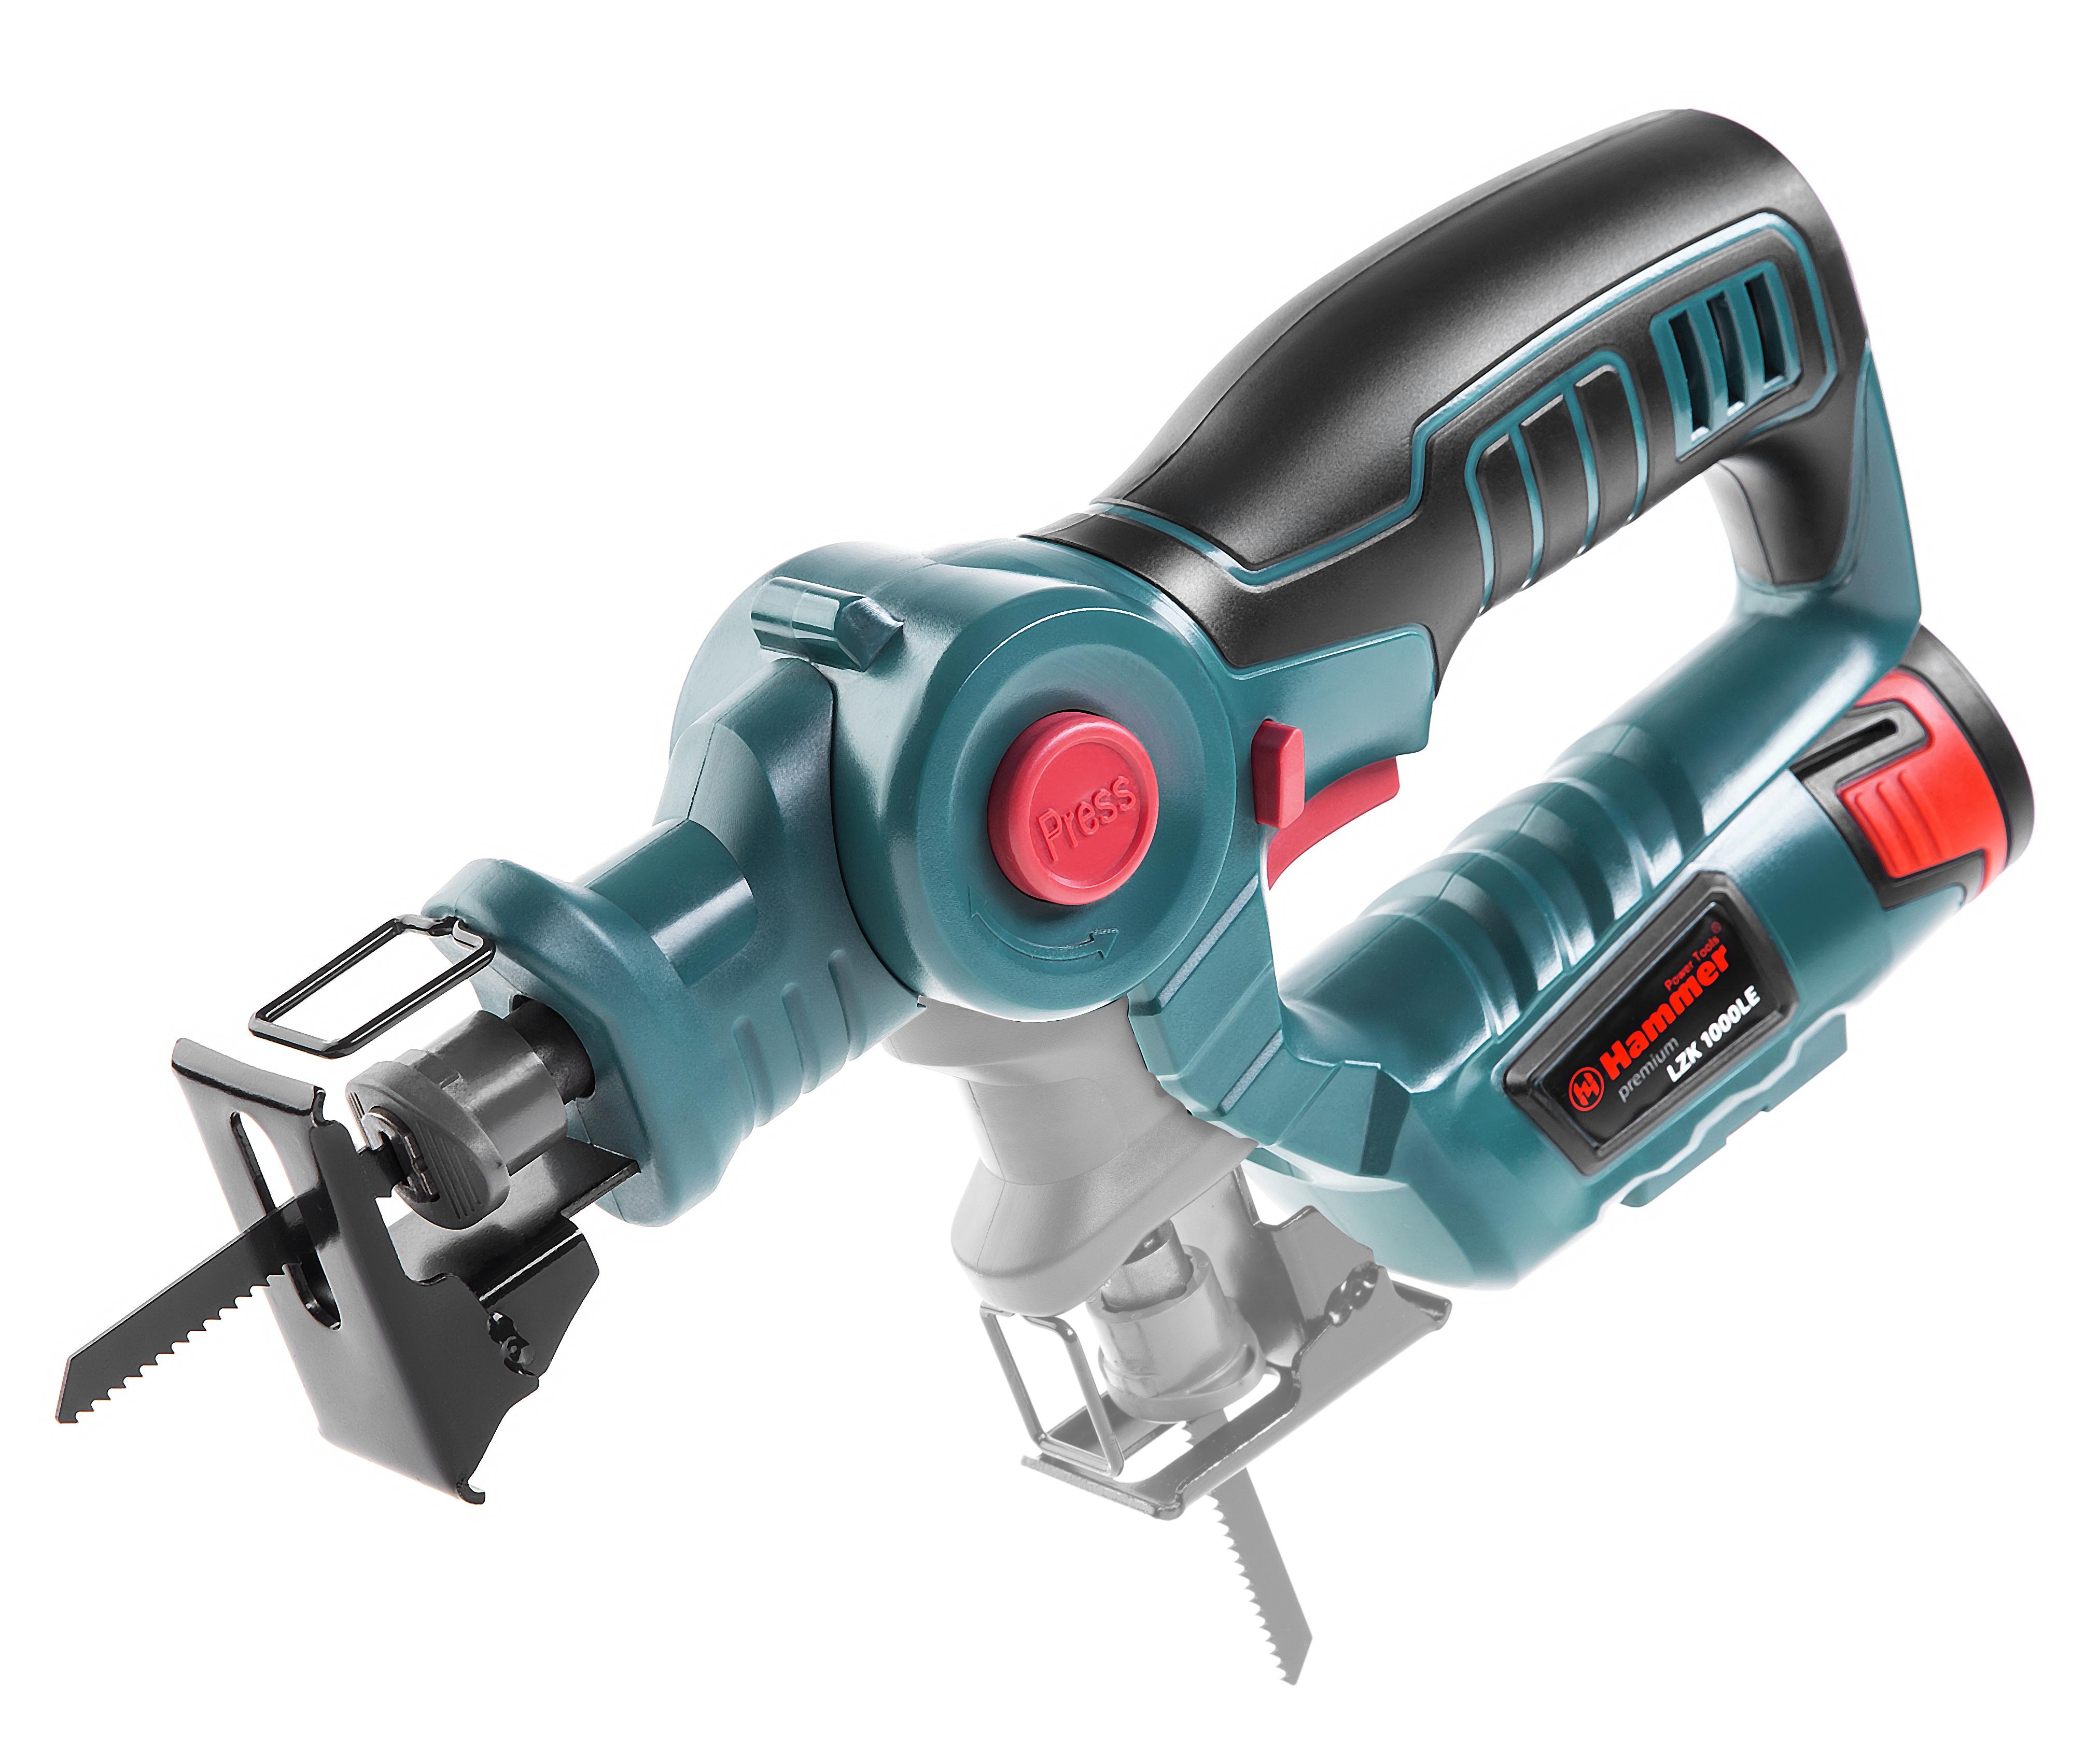 Аккумуляторный лобзик Hammer Lzk1000le premium